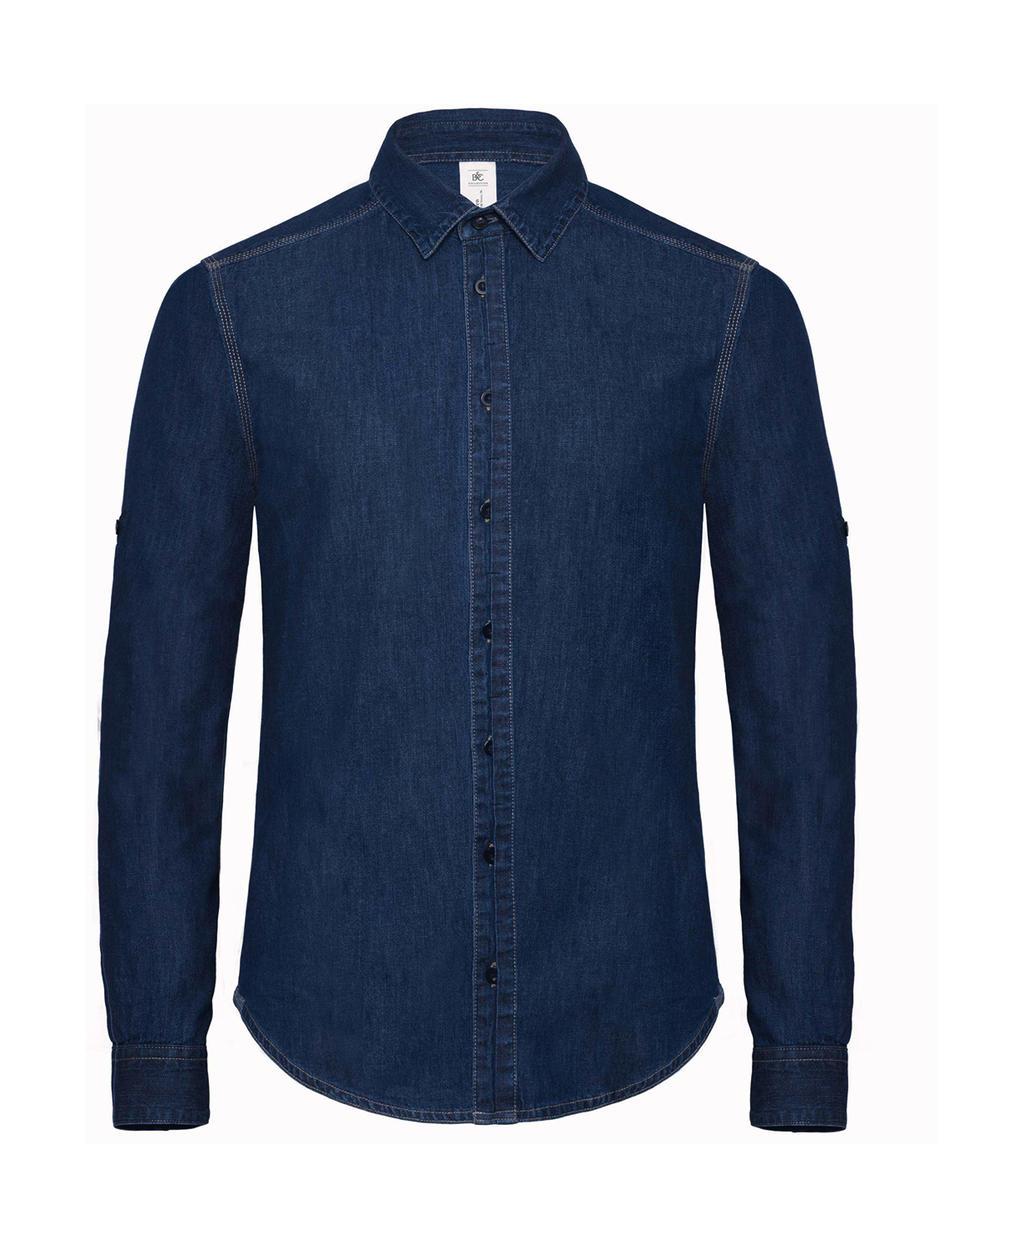 Košile s dlouhým rukávem DNM Vision/men Denim - zvìtšit obrázek